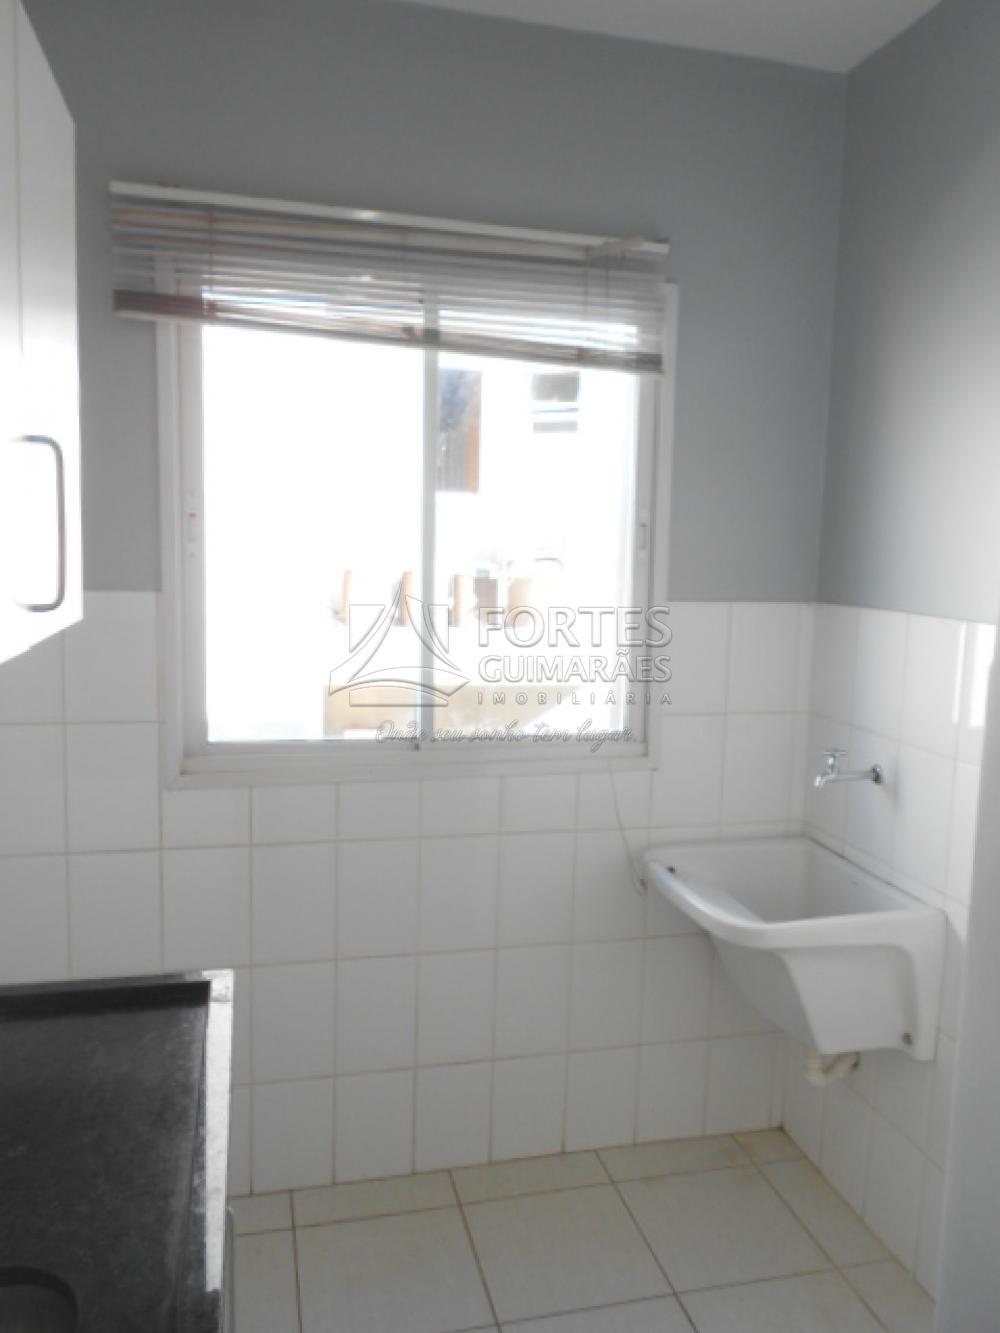 Alugar Apartamentos / Padrão em Ribeirão Preto apenas R$ 900,00 - Foto 20